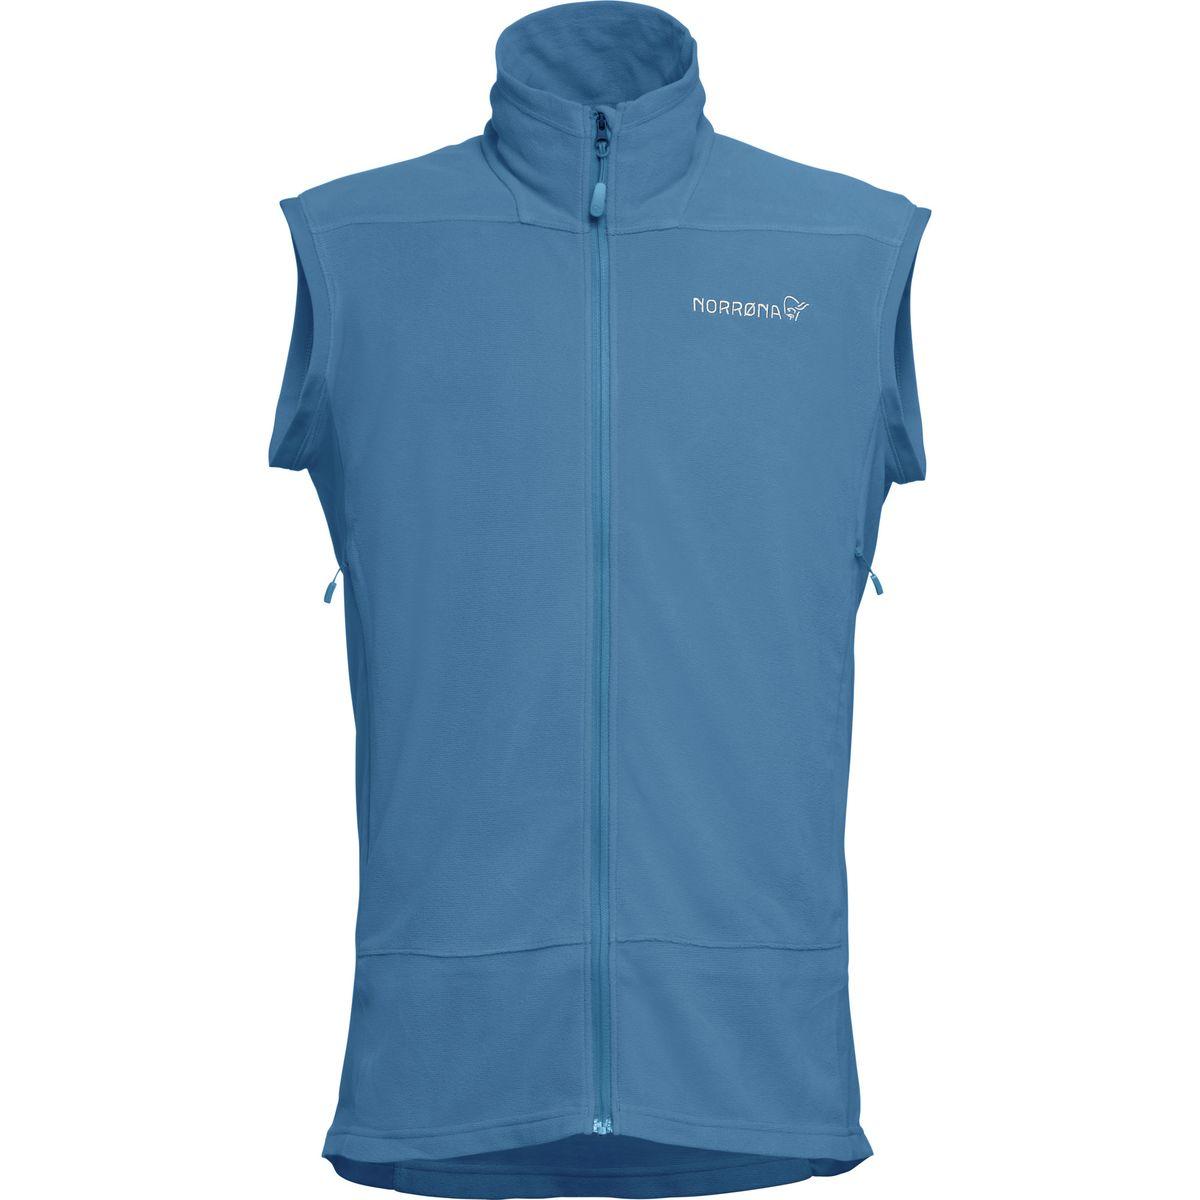 Norr Falketind Thermal Pro Fleece Vest - Men